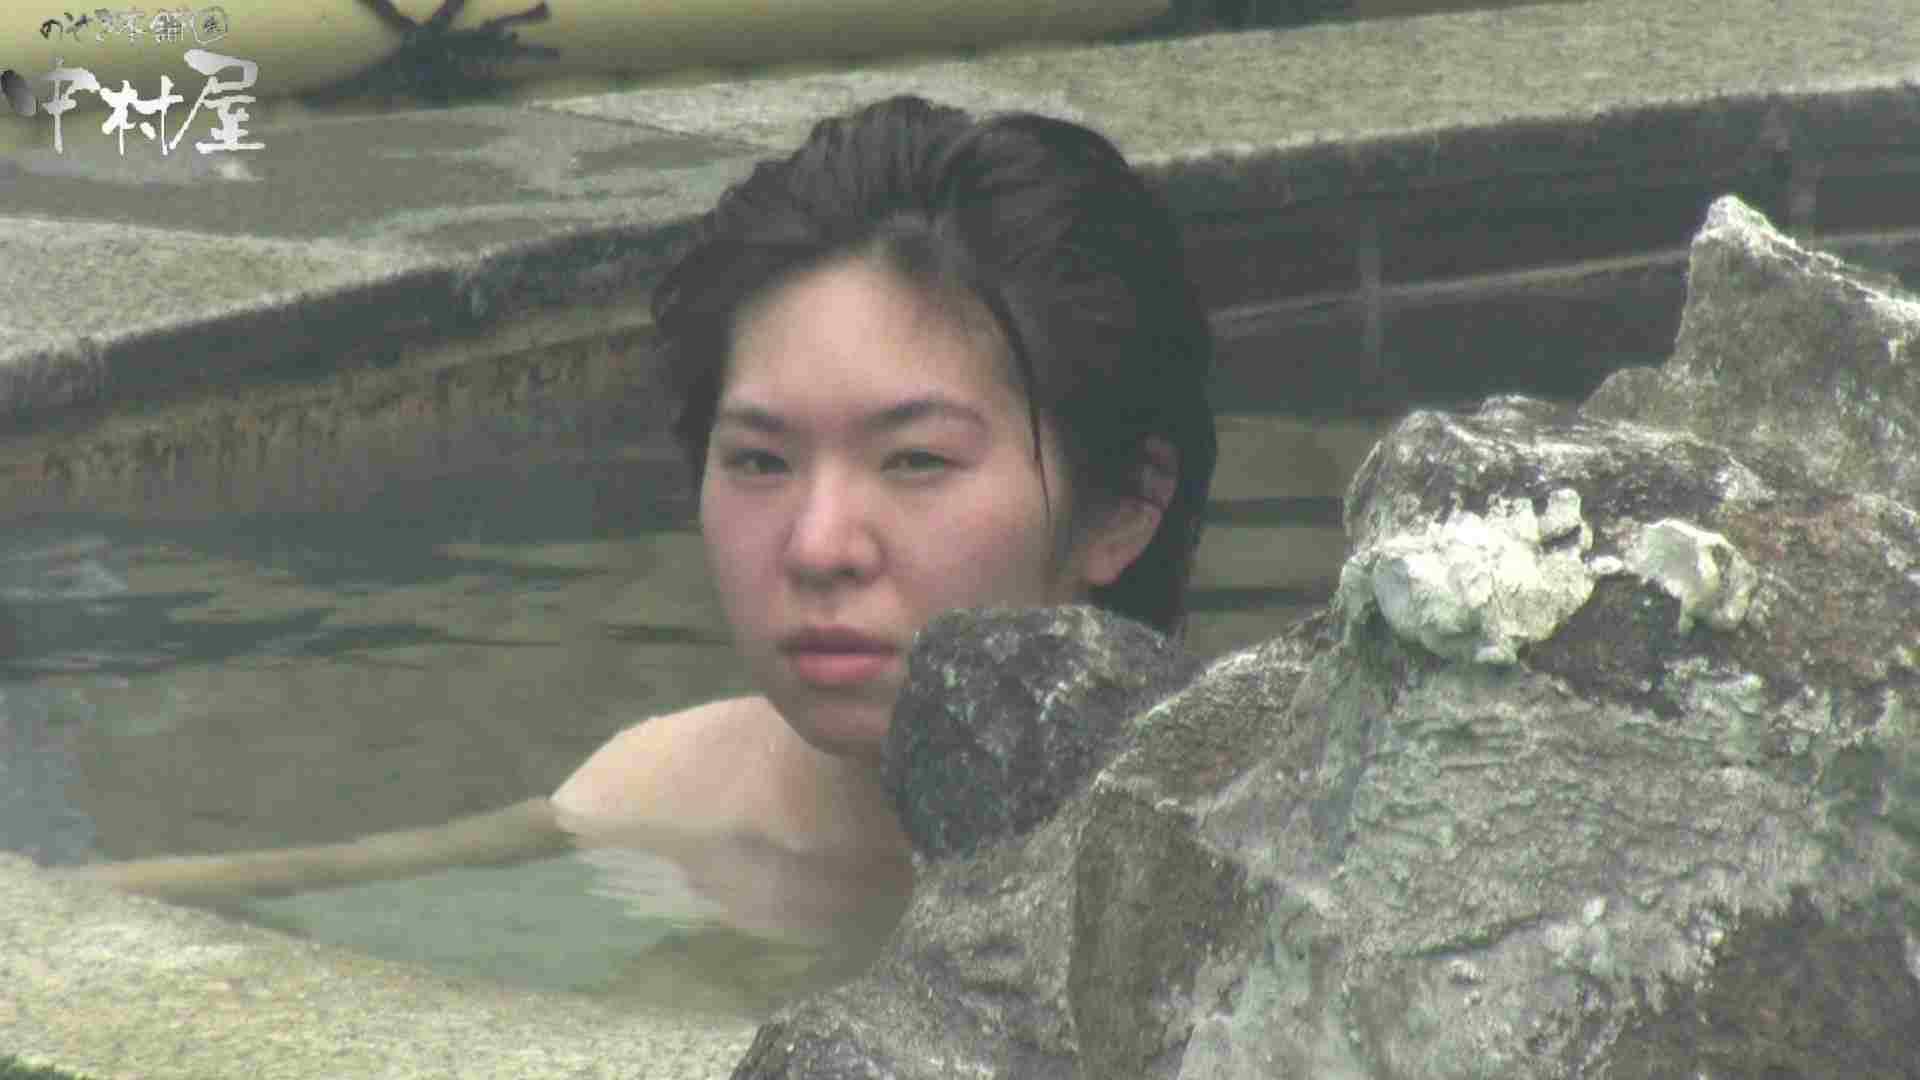 Aquaな露天風呂Vol.907 OL女体 | 女体盗撮  95連発 40